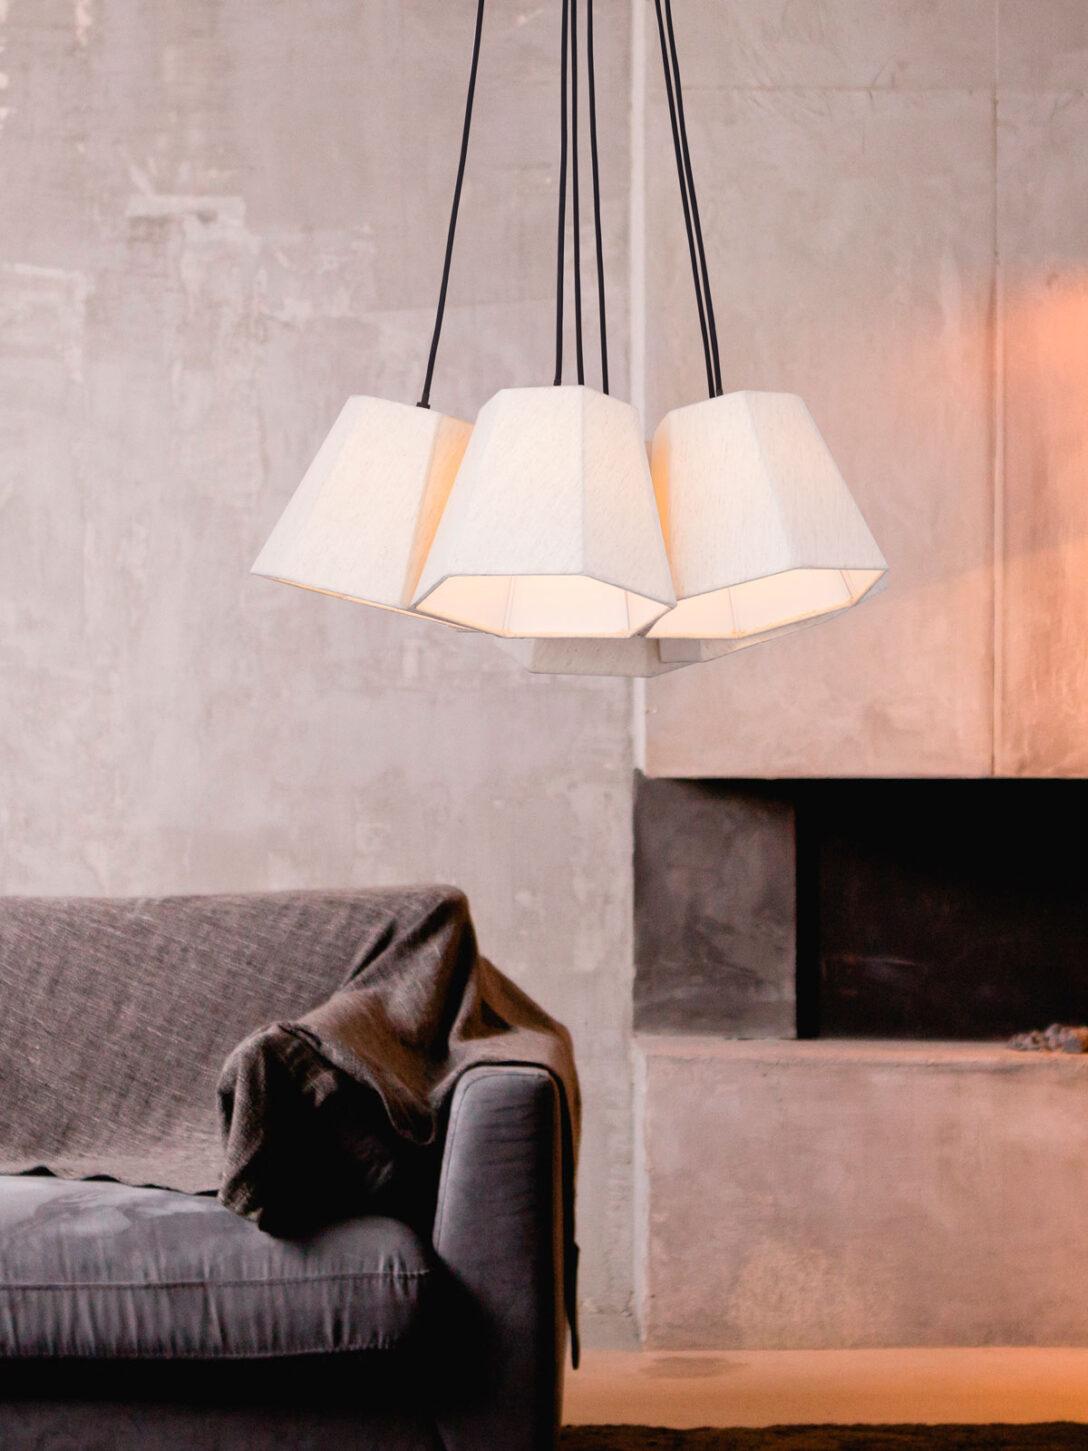 Large Size of Esstisch Glas Teppich Runder Ausziehbar Vintage Kolonialstil Oval Weiß Massiv Kleine Esstische 120x80 Großer Quadratisch Bogenlampe Esstische Bogenlampe Esstisch